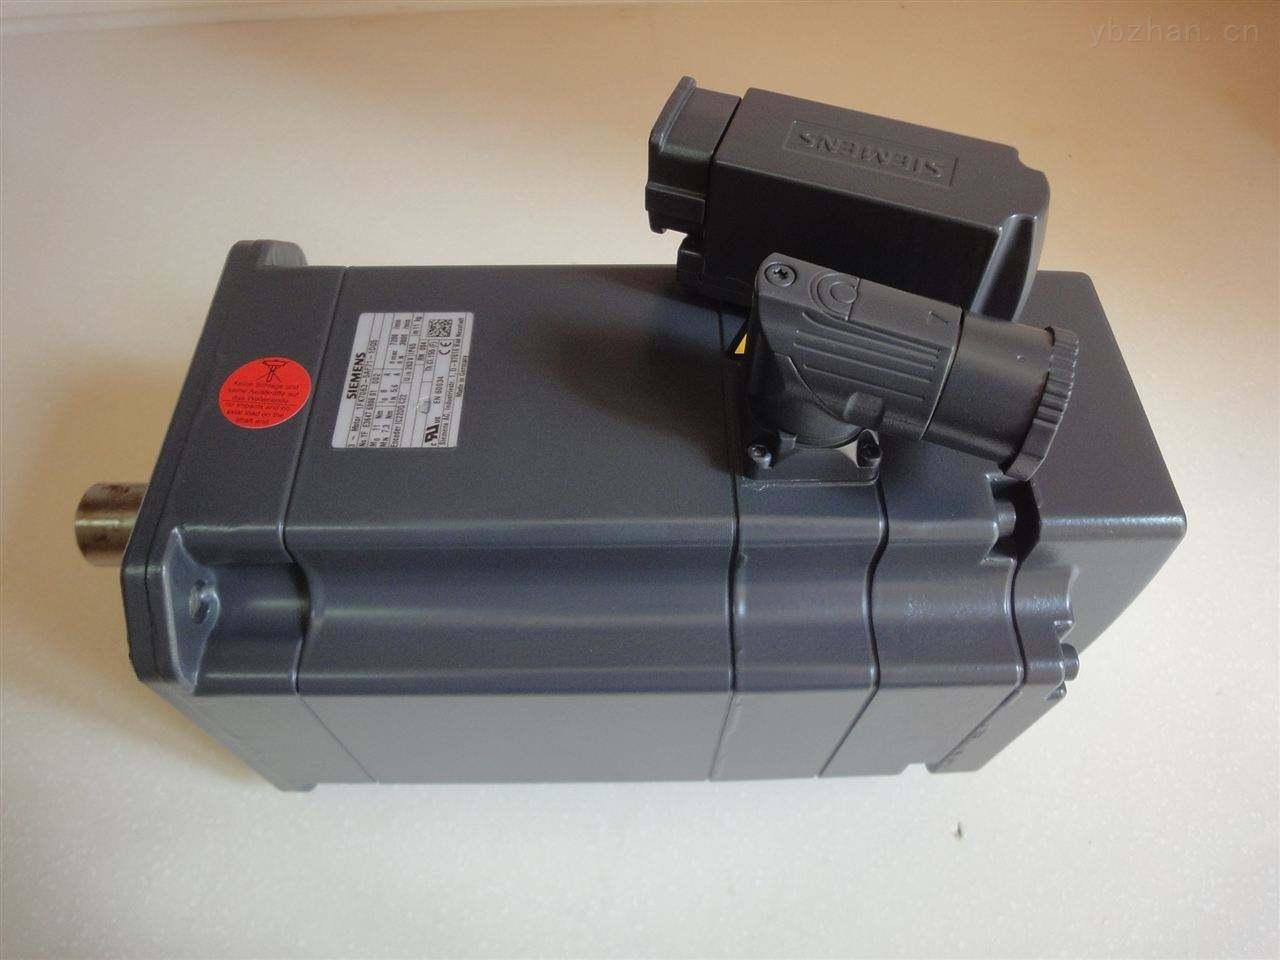 温州西门子810D系统钻床伺服电机维修公司-当天检测提供维修